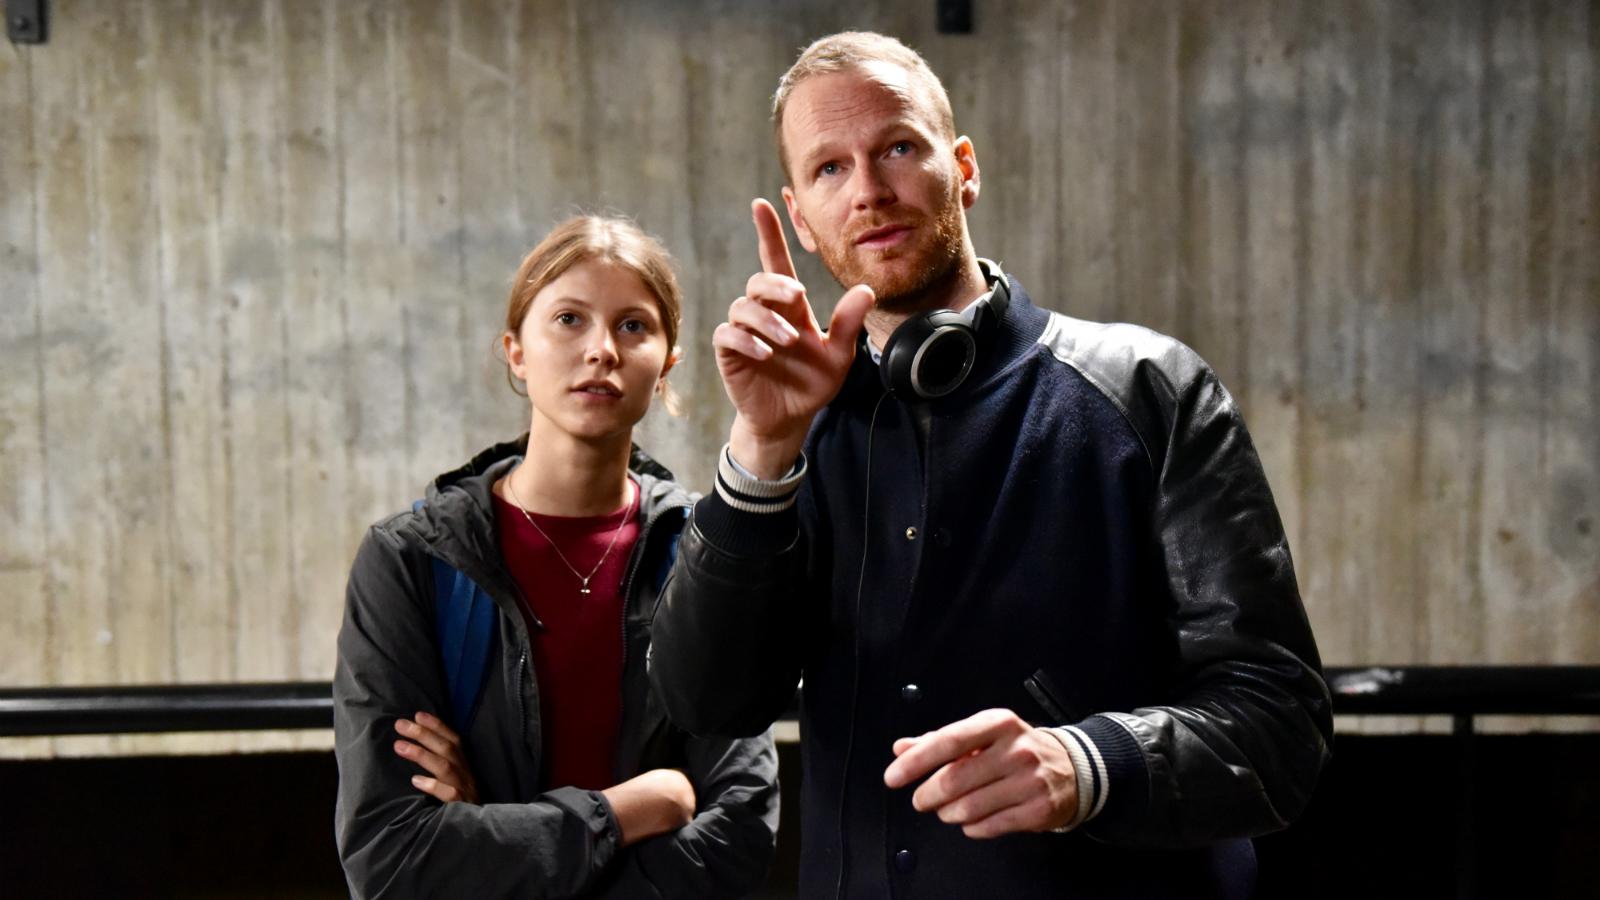 Filmmesteren Joachim Trier: »Jeg ved meget om at være ung og drømme… og længes«